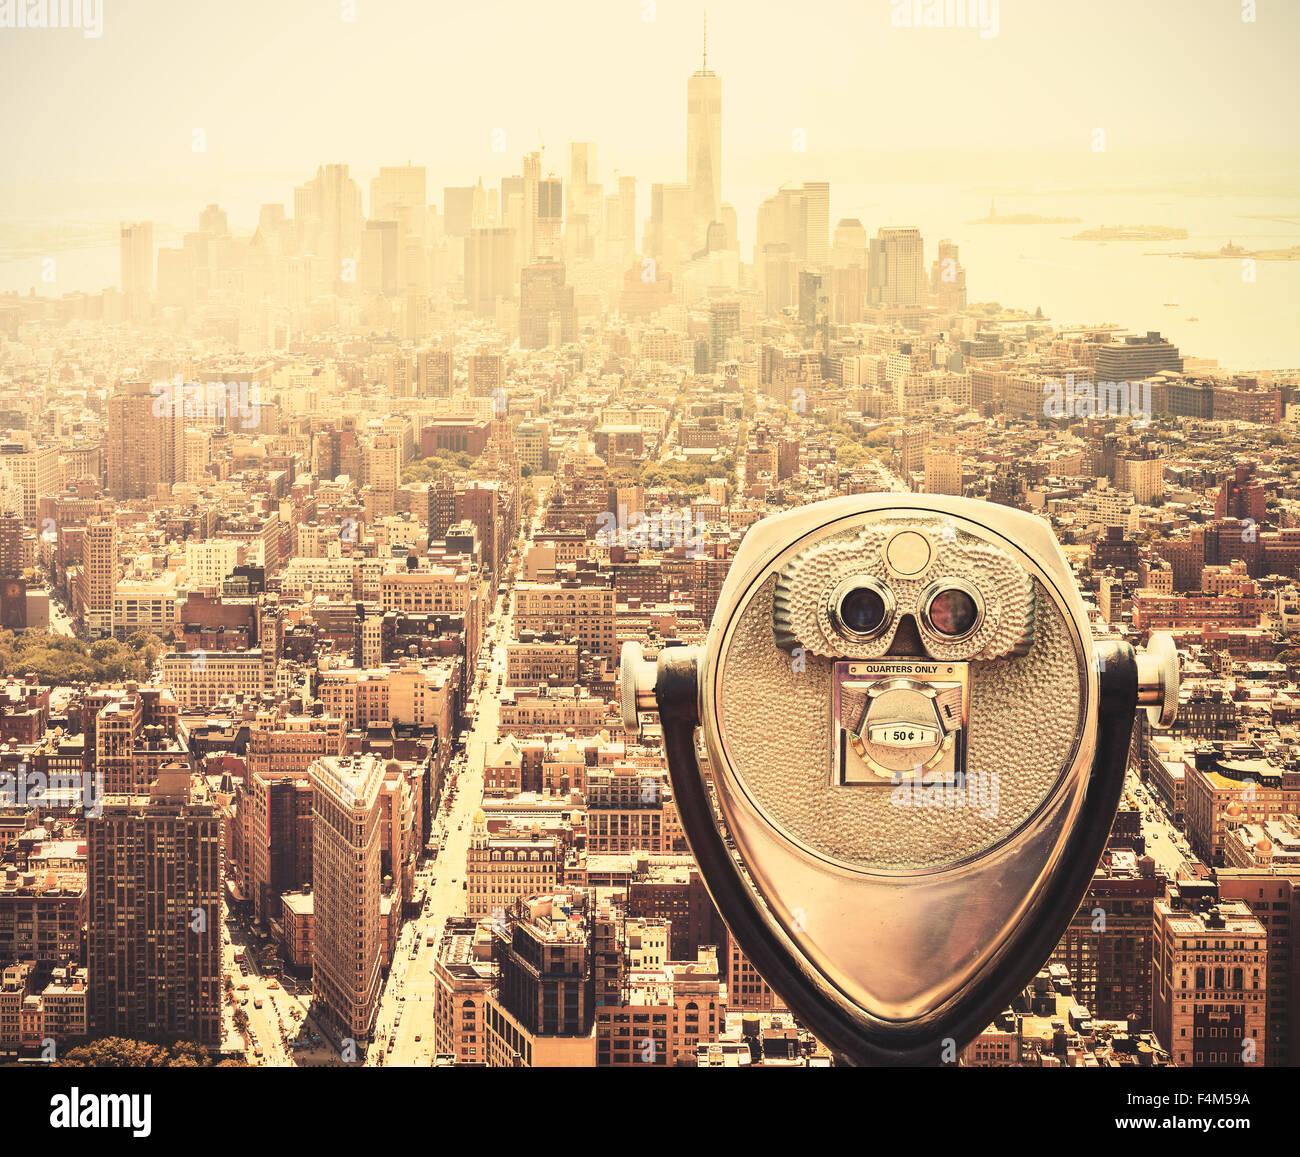 Tonos Vintage Retro binoculares turísticos en Manhattan, Ciudad de Nueva York, EE.UU. Foto de stock